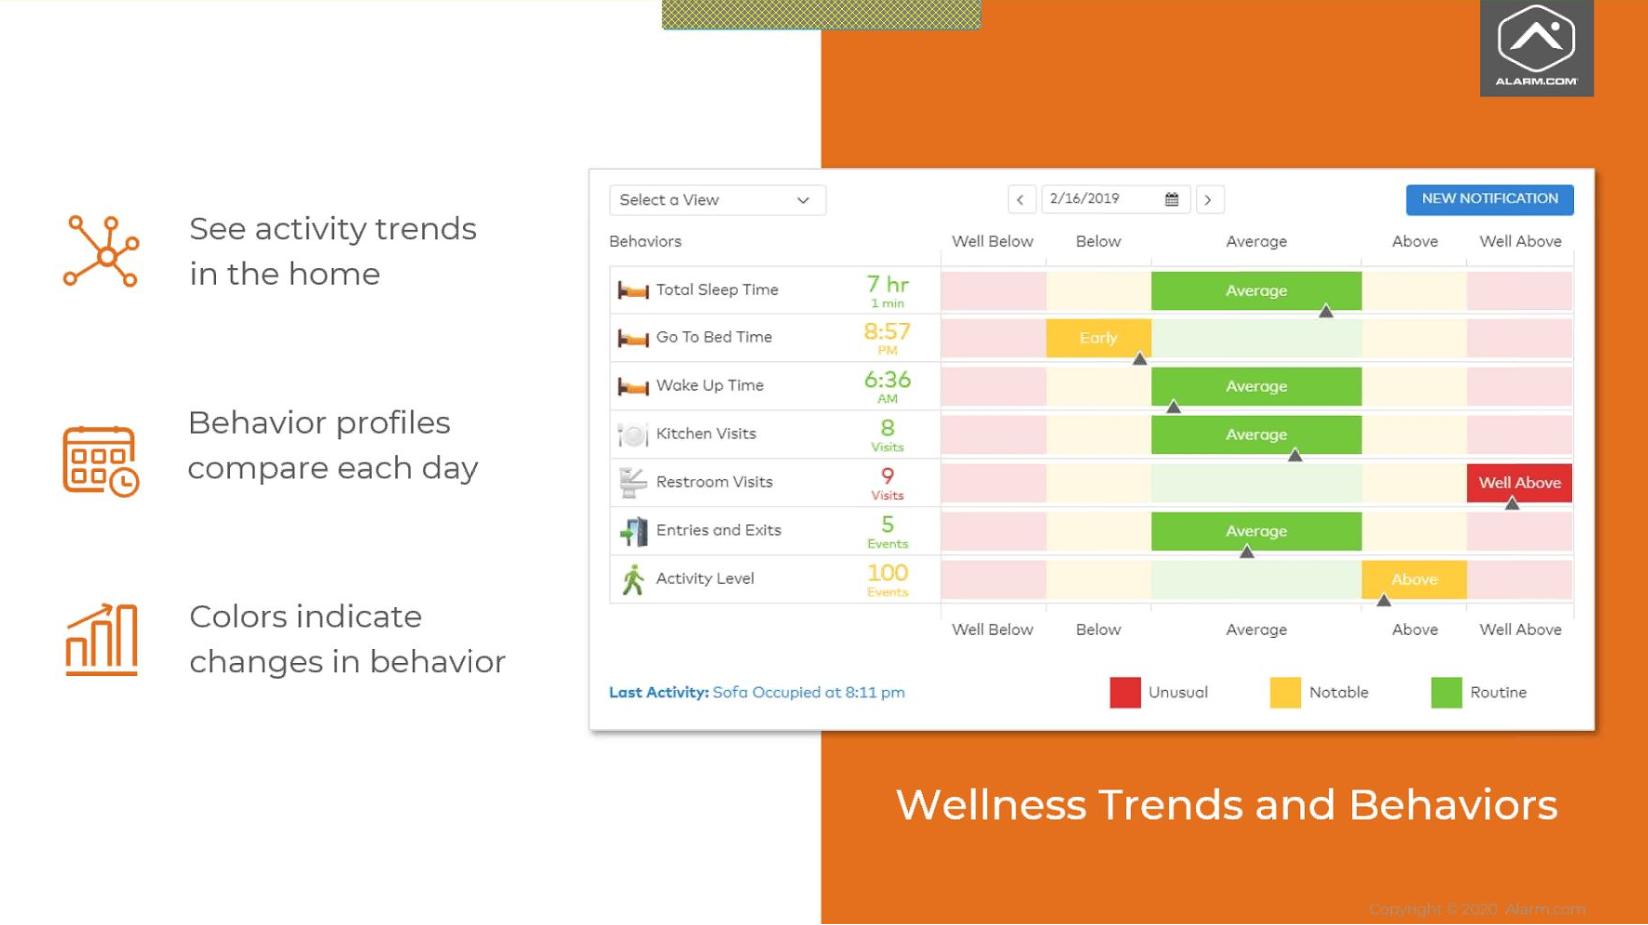 Alarm.com Wellness Trends and Behaviors